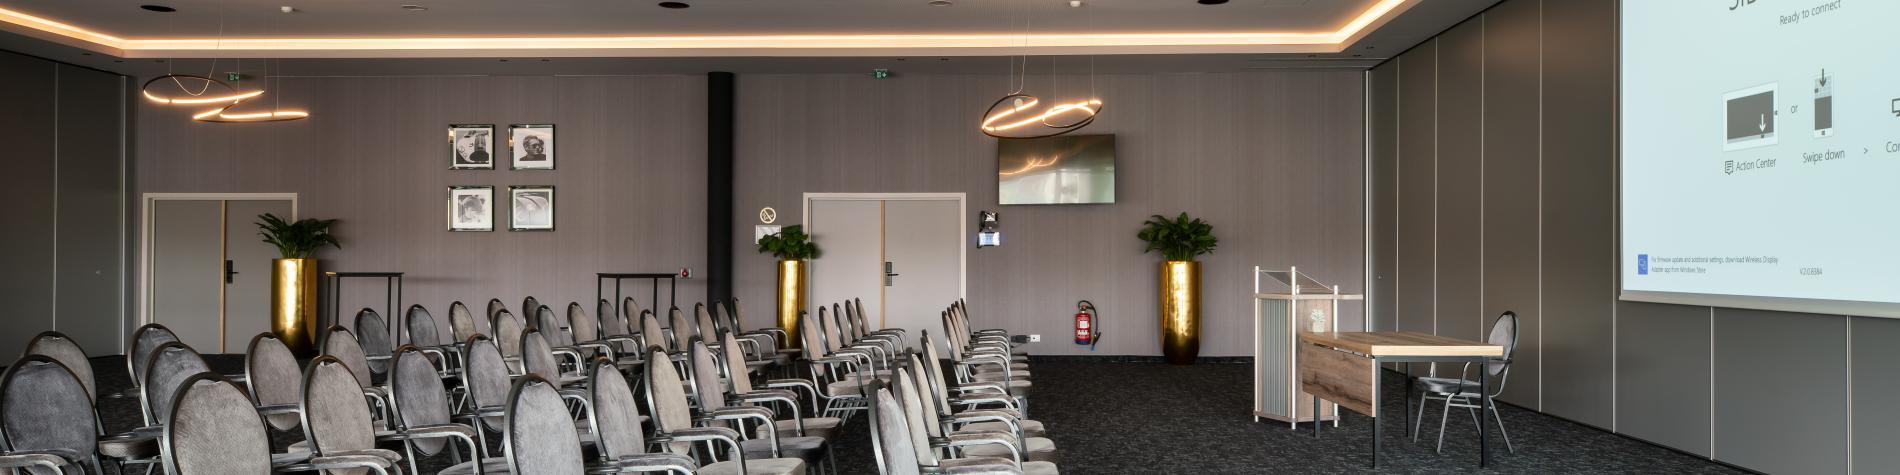 Salle de réunion avec projecteur du Van der Valk Nivelles-Sud, hôtel, MICE, Wallonie